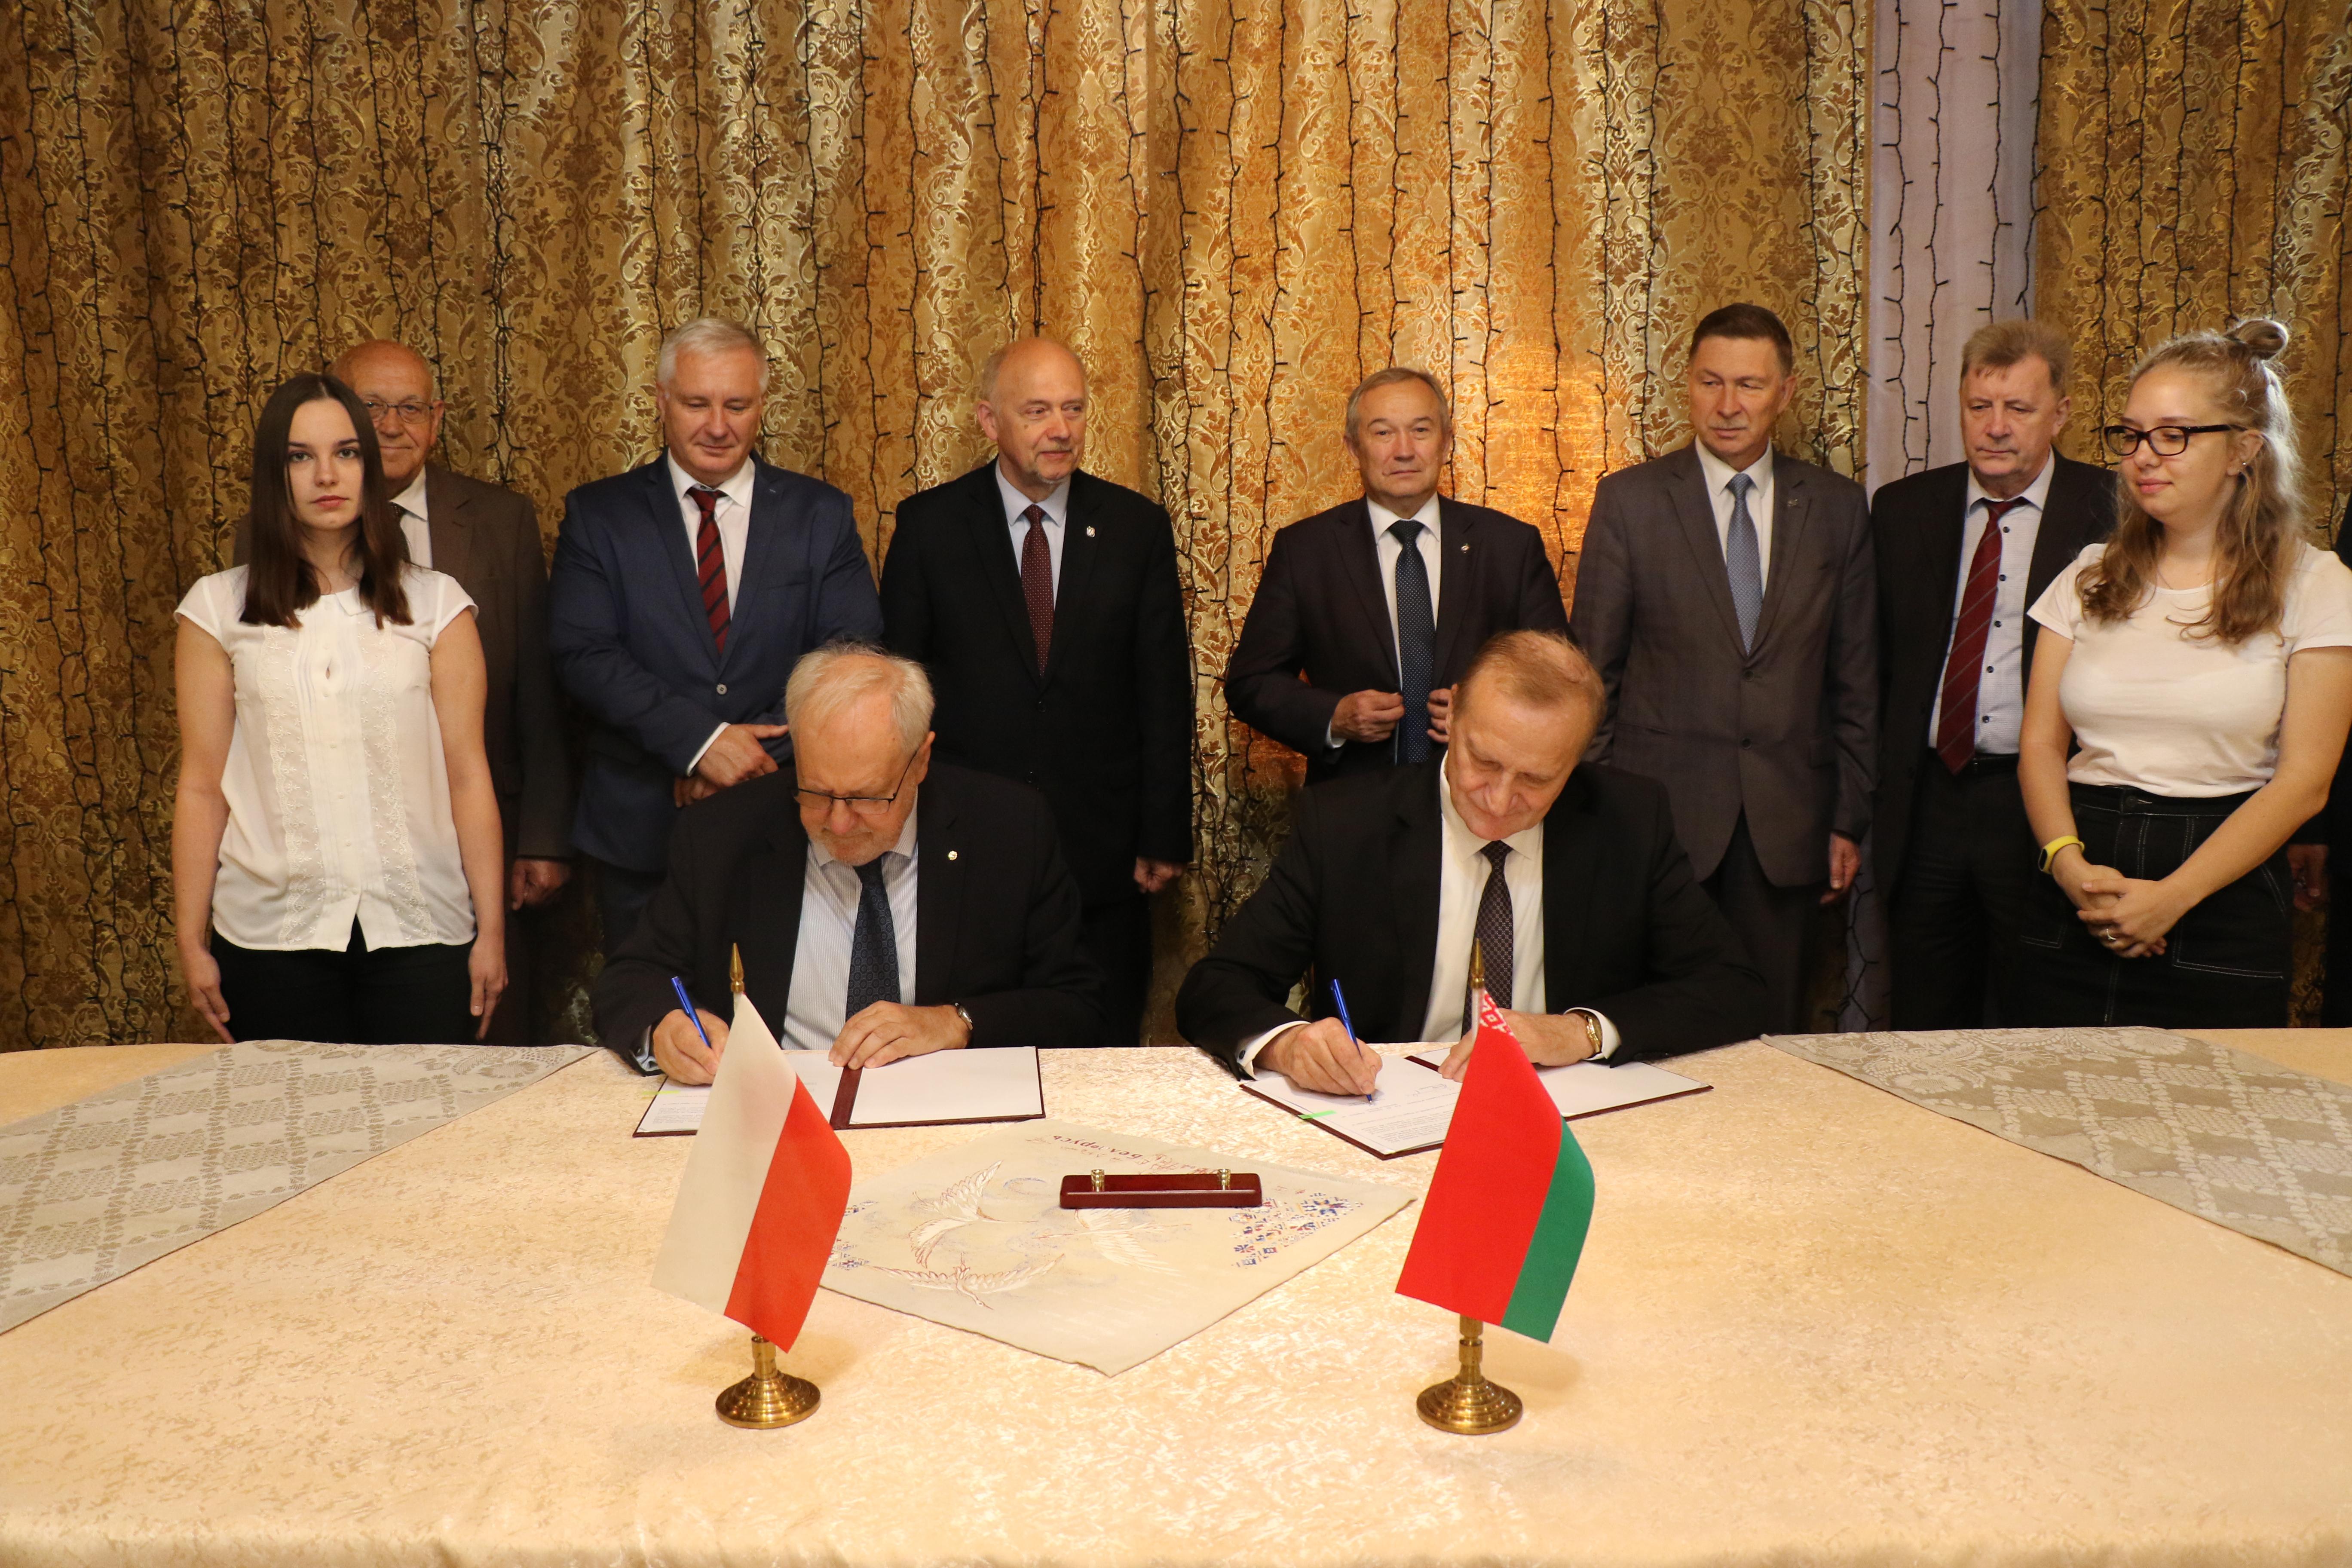 Prezesi PAN i NASB podpisują umowę w otoczeniu współpracowników